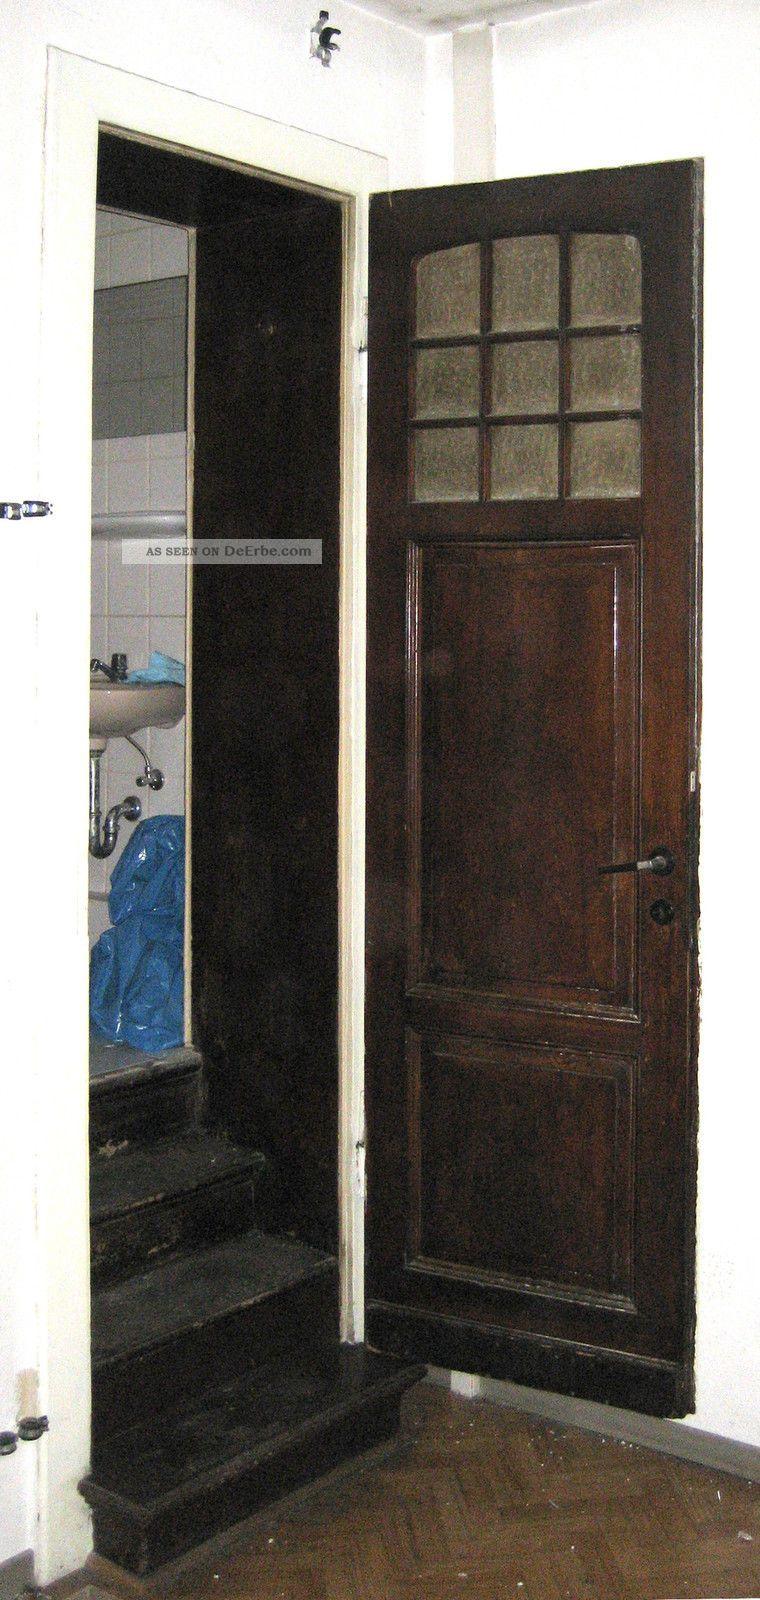 schmale hohe t r m glasteil zimmert r t lu 005 sehr gut erhalten 71 5x246 cm. Black Bedroom Furniture Sets. Home Design Ideas